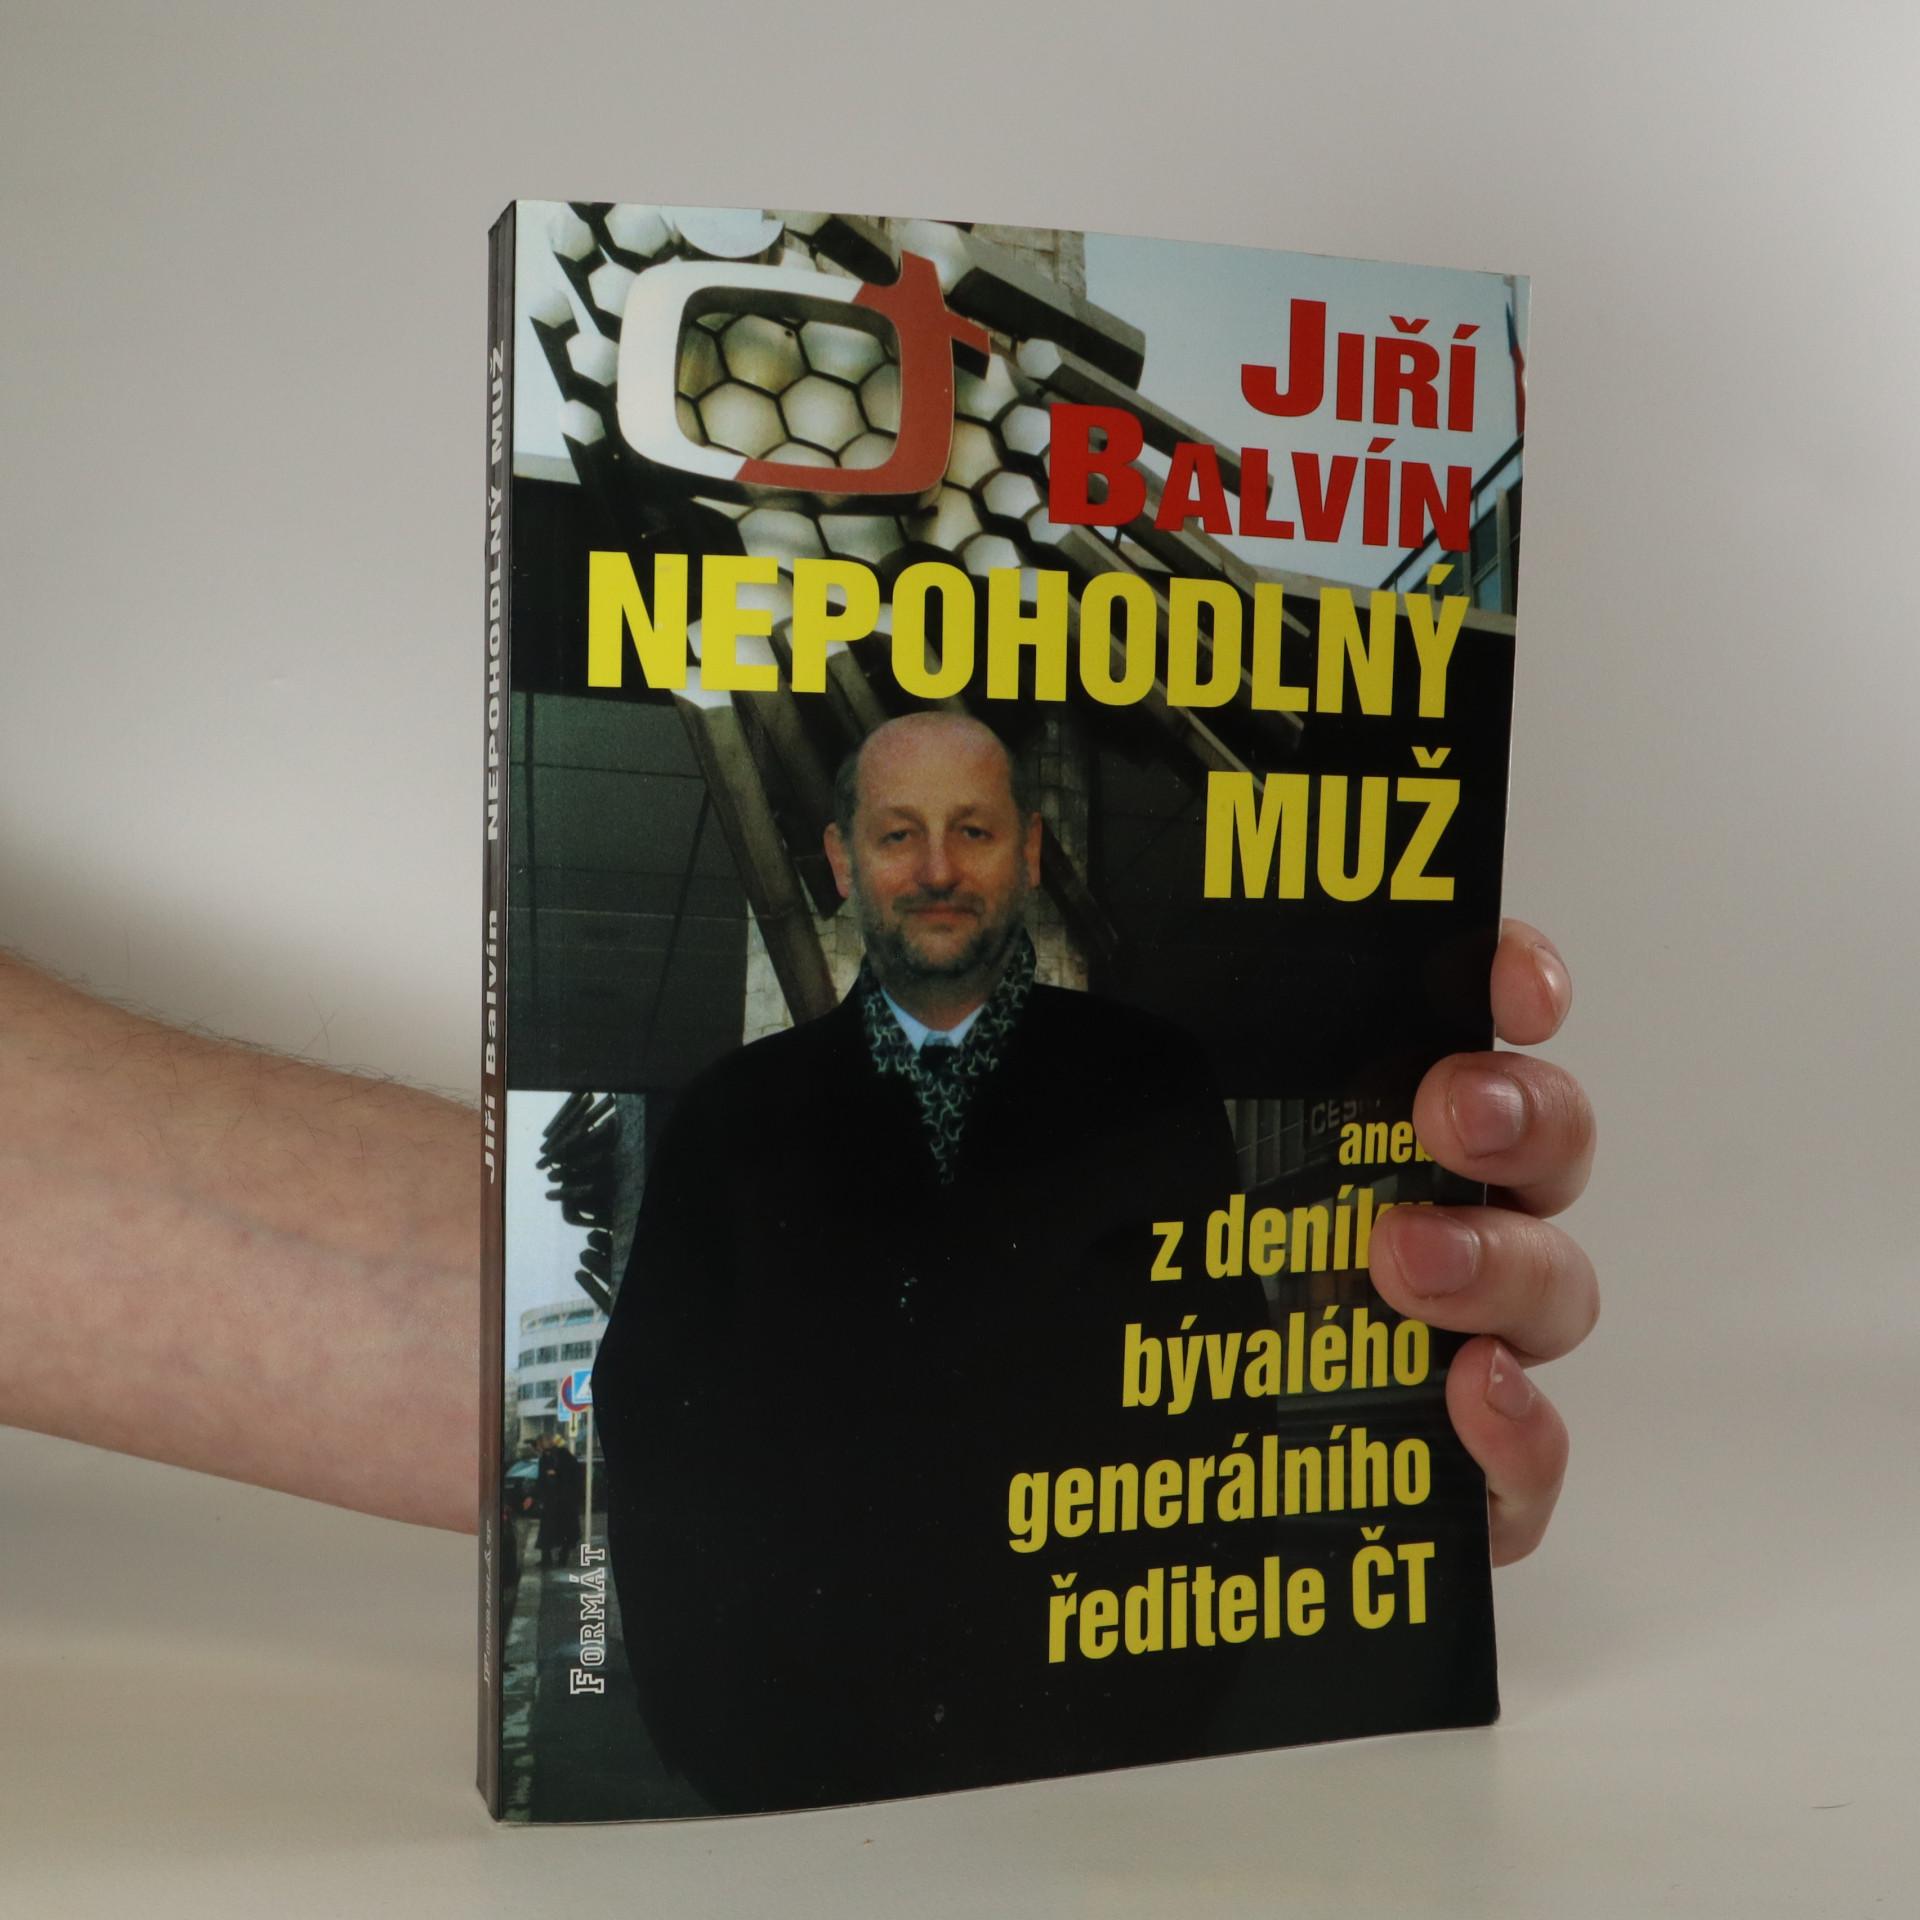 antikvární kniha Nepohodlný muž, aneb, Z deníku odvolaného generálního ředitele ČT, 2003